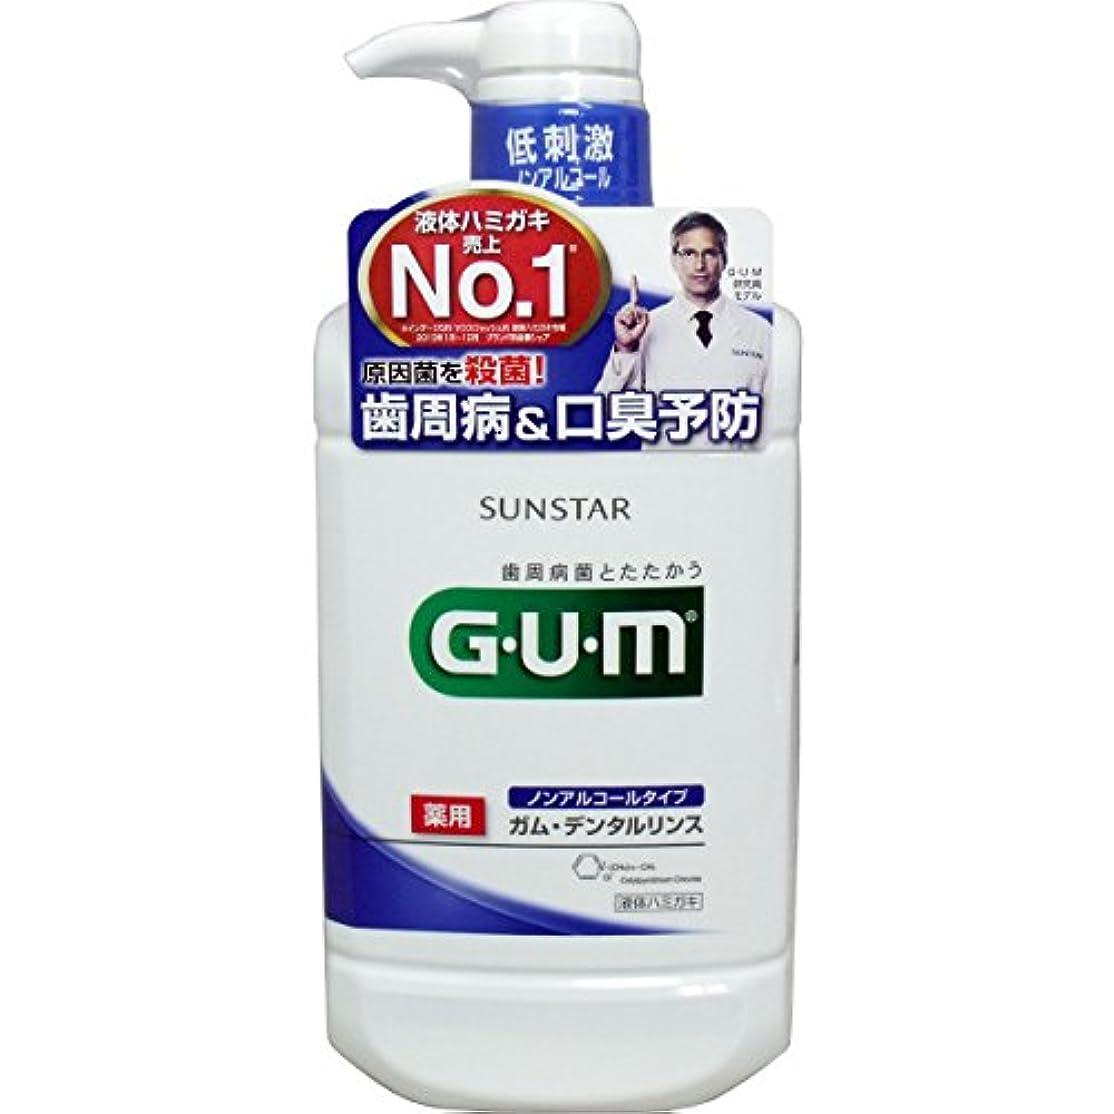 南アメリカ経験者合法【まとめ買い】GUM(ガム)?デンタルリンス (ノンアルコールタイプ) 960mL (医薬部外品)×5個